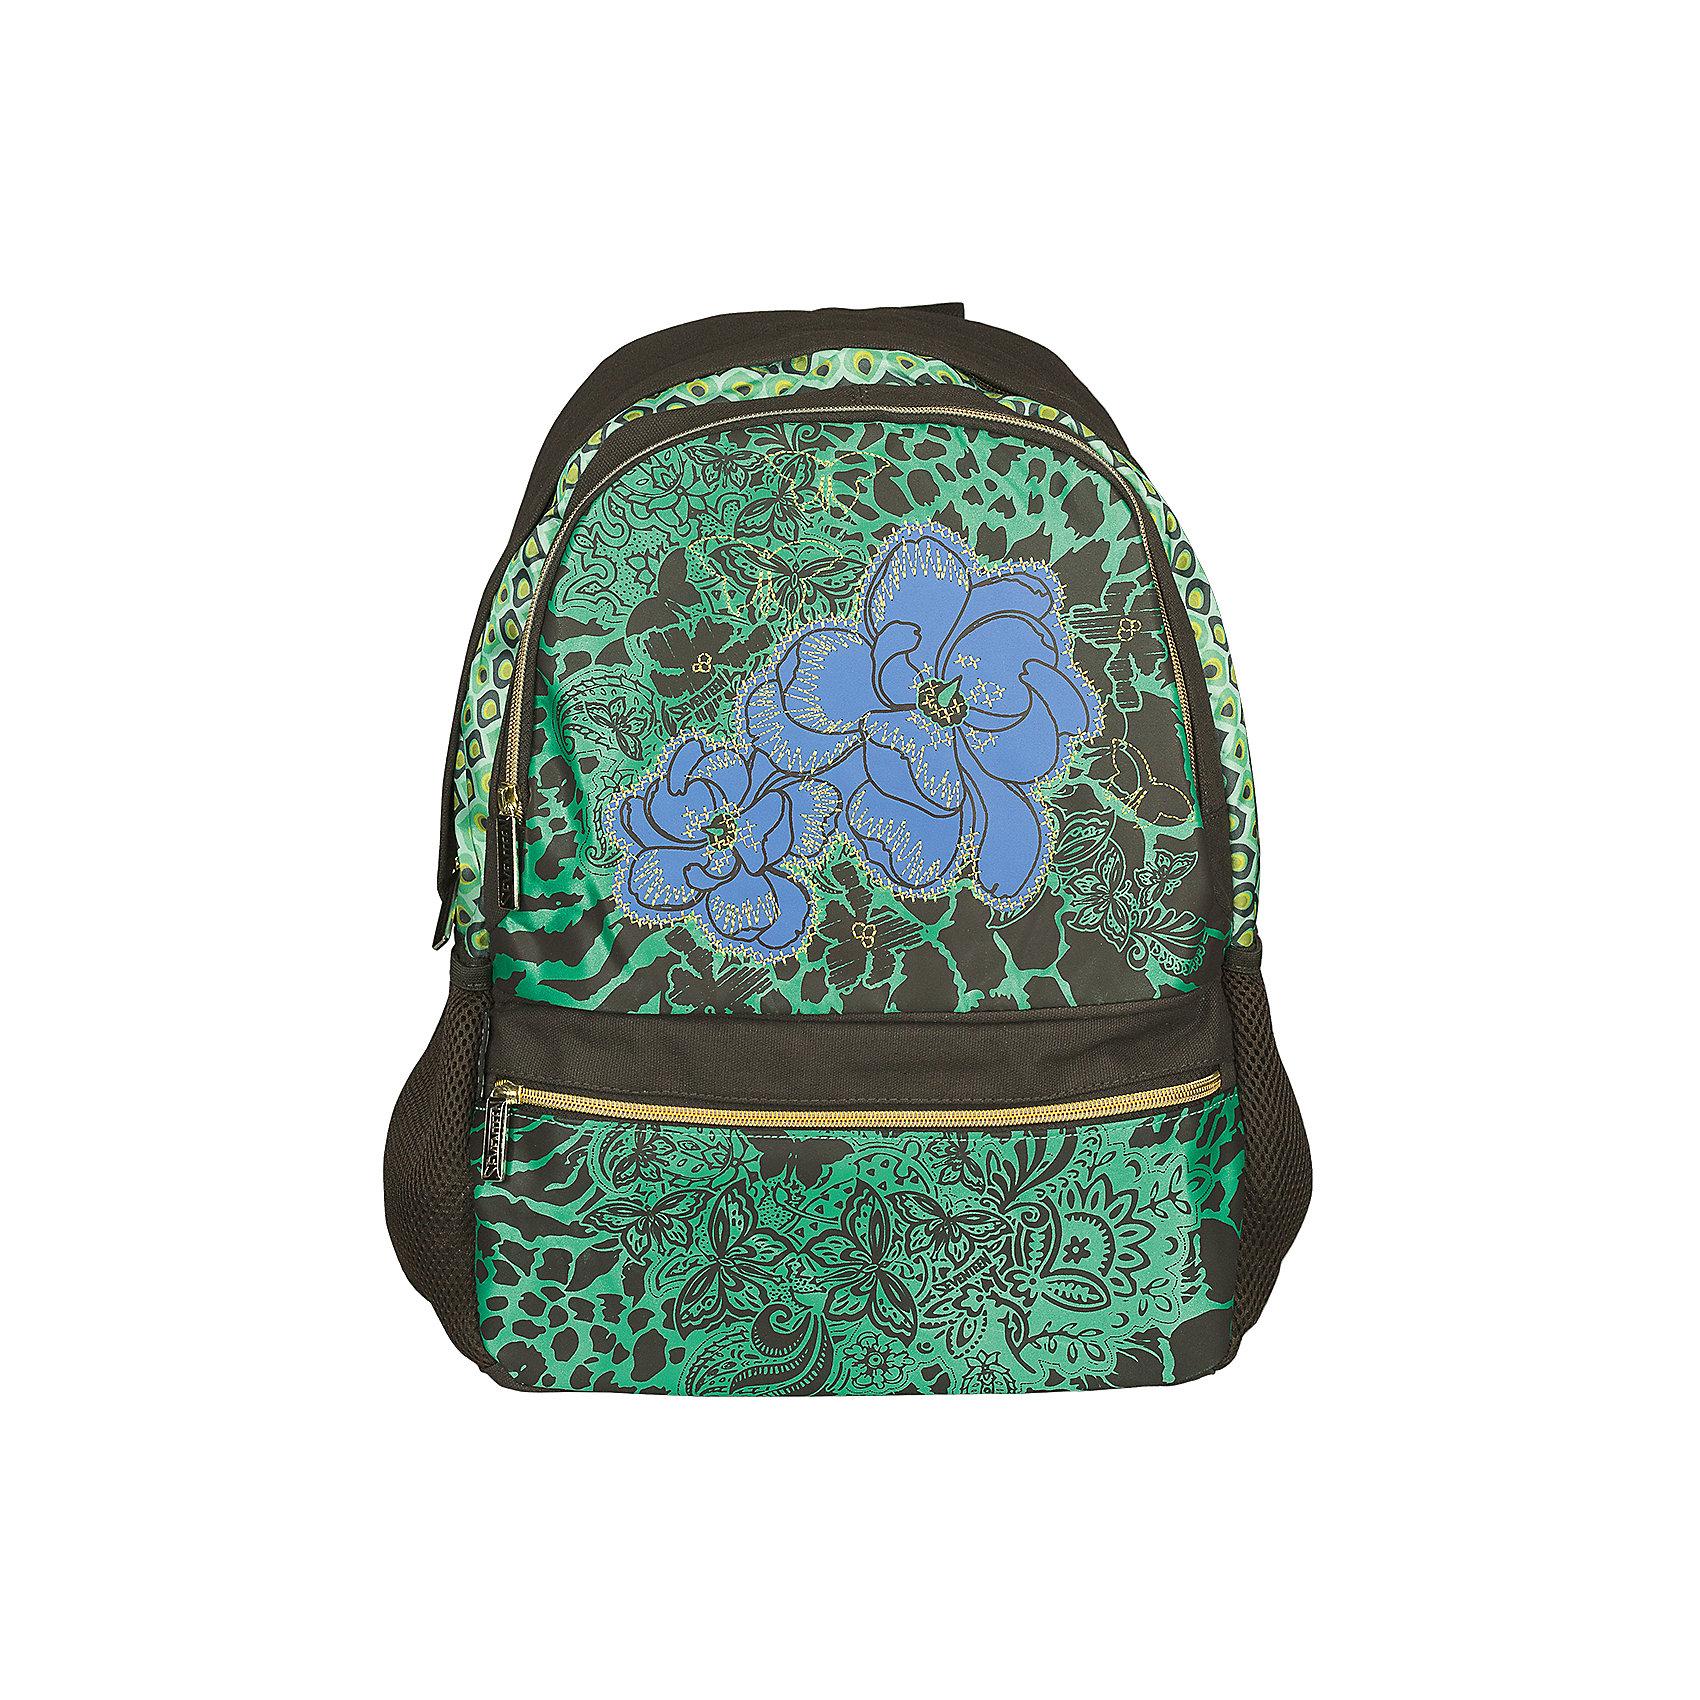 Школьный рюкзак, SeventeenПодобрать рюкзак для старшеклассницы бывает непросто: современные школьницы внимательно следят за модой и отдают предпочтение только стильным аксессуарам. Рюкзак Seventeen станет идеальным решением проблемы! Необычный принт сразу выделяет рюкзак на фоне стандартных моделей. Рюкзак вместительный, при этом очень компактный: у него нет боковых карманов, как в детских ранцах, однако для мелочей имеются два удобных внешних кармана на молнии. В нем без труда можно разместить все школьные принадлежности. Органайзер внутри рюкзака поможет удобно разместить все важные мелочи: ручку, проездной и мобильный телефон. Рюкзак изготовлен из прочного полиэстера, устойчивого к износу и выгоранию. Уплотненная спинка и регулируемые по длине лямки обеспечивают плотное прилегание рюкзака и максимальный комфорт для школьницы.<br><br>Дополнительная информация:<br><br>- Стильный дизайн идеален для подростков;<br>- Уплотненный материал дна;<br>- Легкий и компактный;<br>- Рюкзак закрывается на молнию;<br>- Два наружных вместительных кармана на молнии;<br>- Регулируемые мягкие лямки, ручка для переноски;<br>- Размер: 30,5 х 42 х 15 см;<br>- Цвет: Зеленый;<br>- Материал: полиэстер;<br>- Вес: 0,74 кг.<br><br>Рюкзак, Seventeen можно купить в нашем интернет-магазине.<br><br>Ширина мм: 420<br>Глубина мм: 305<br>Высота мм: 150<br>Вес г: 900<br>Возраст от месяцев: 144<br>Возраст до месяцев: 144<br>Пол: Женский<br>Возраст: Детский<br>SKU: 3563325